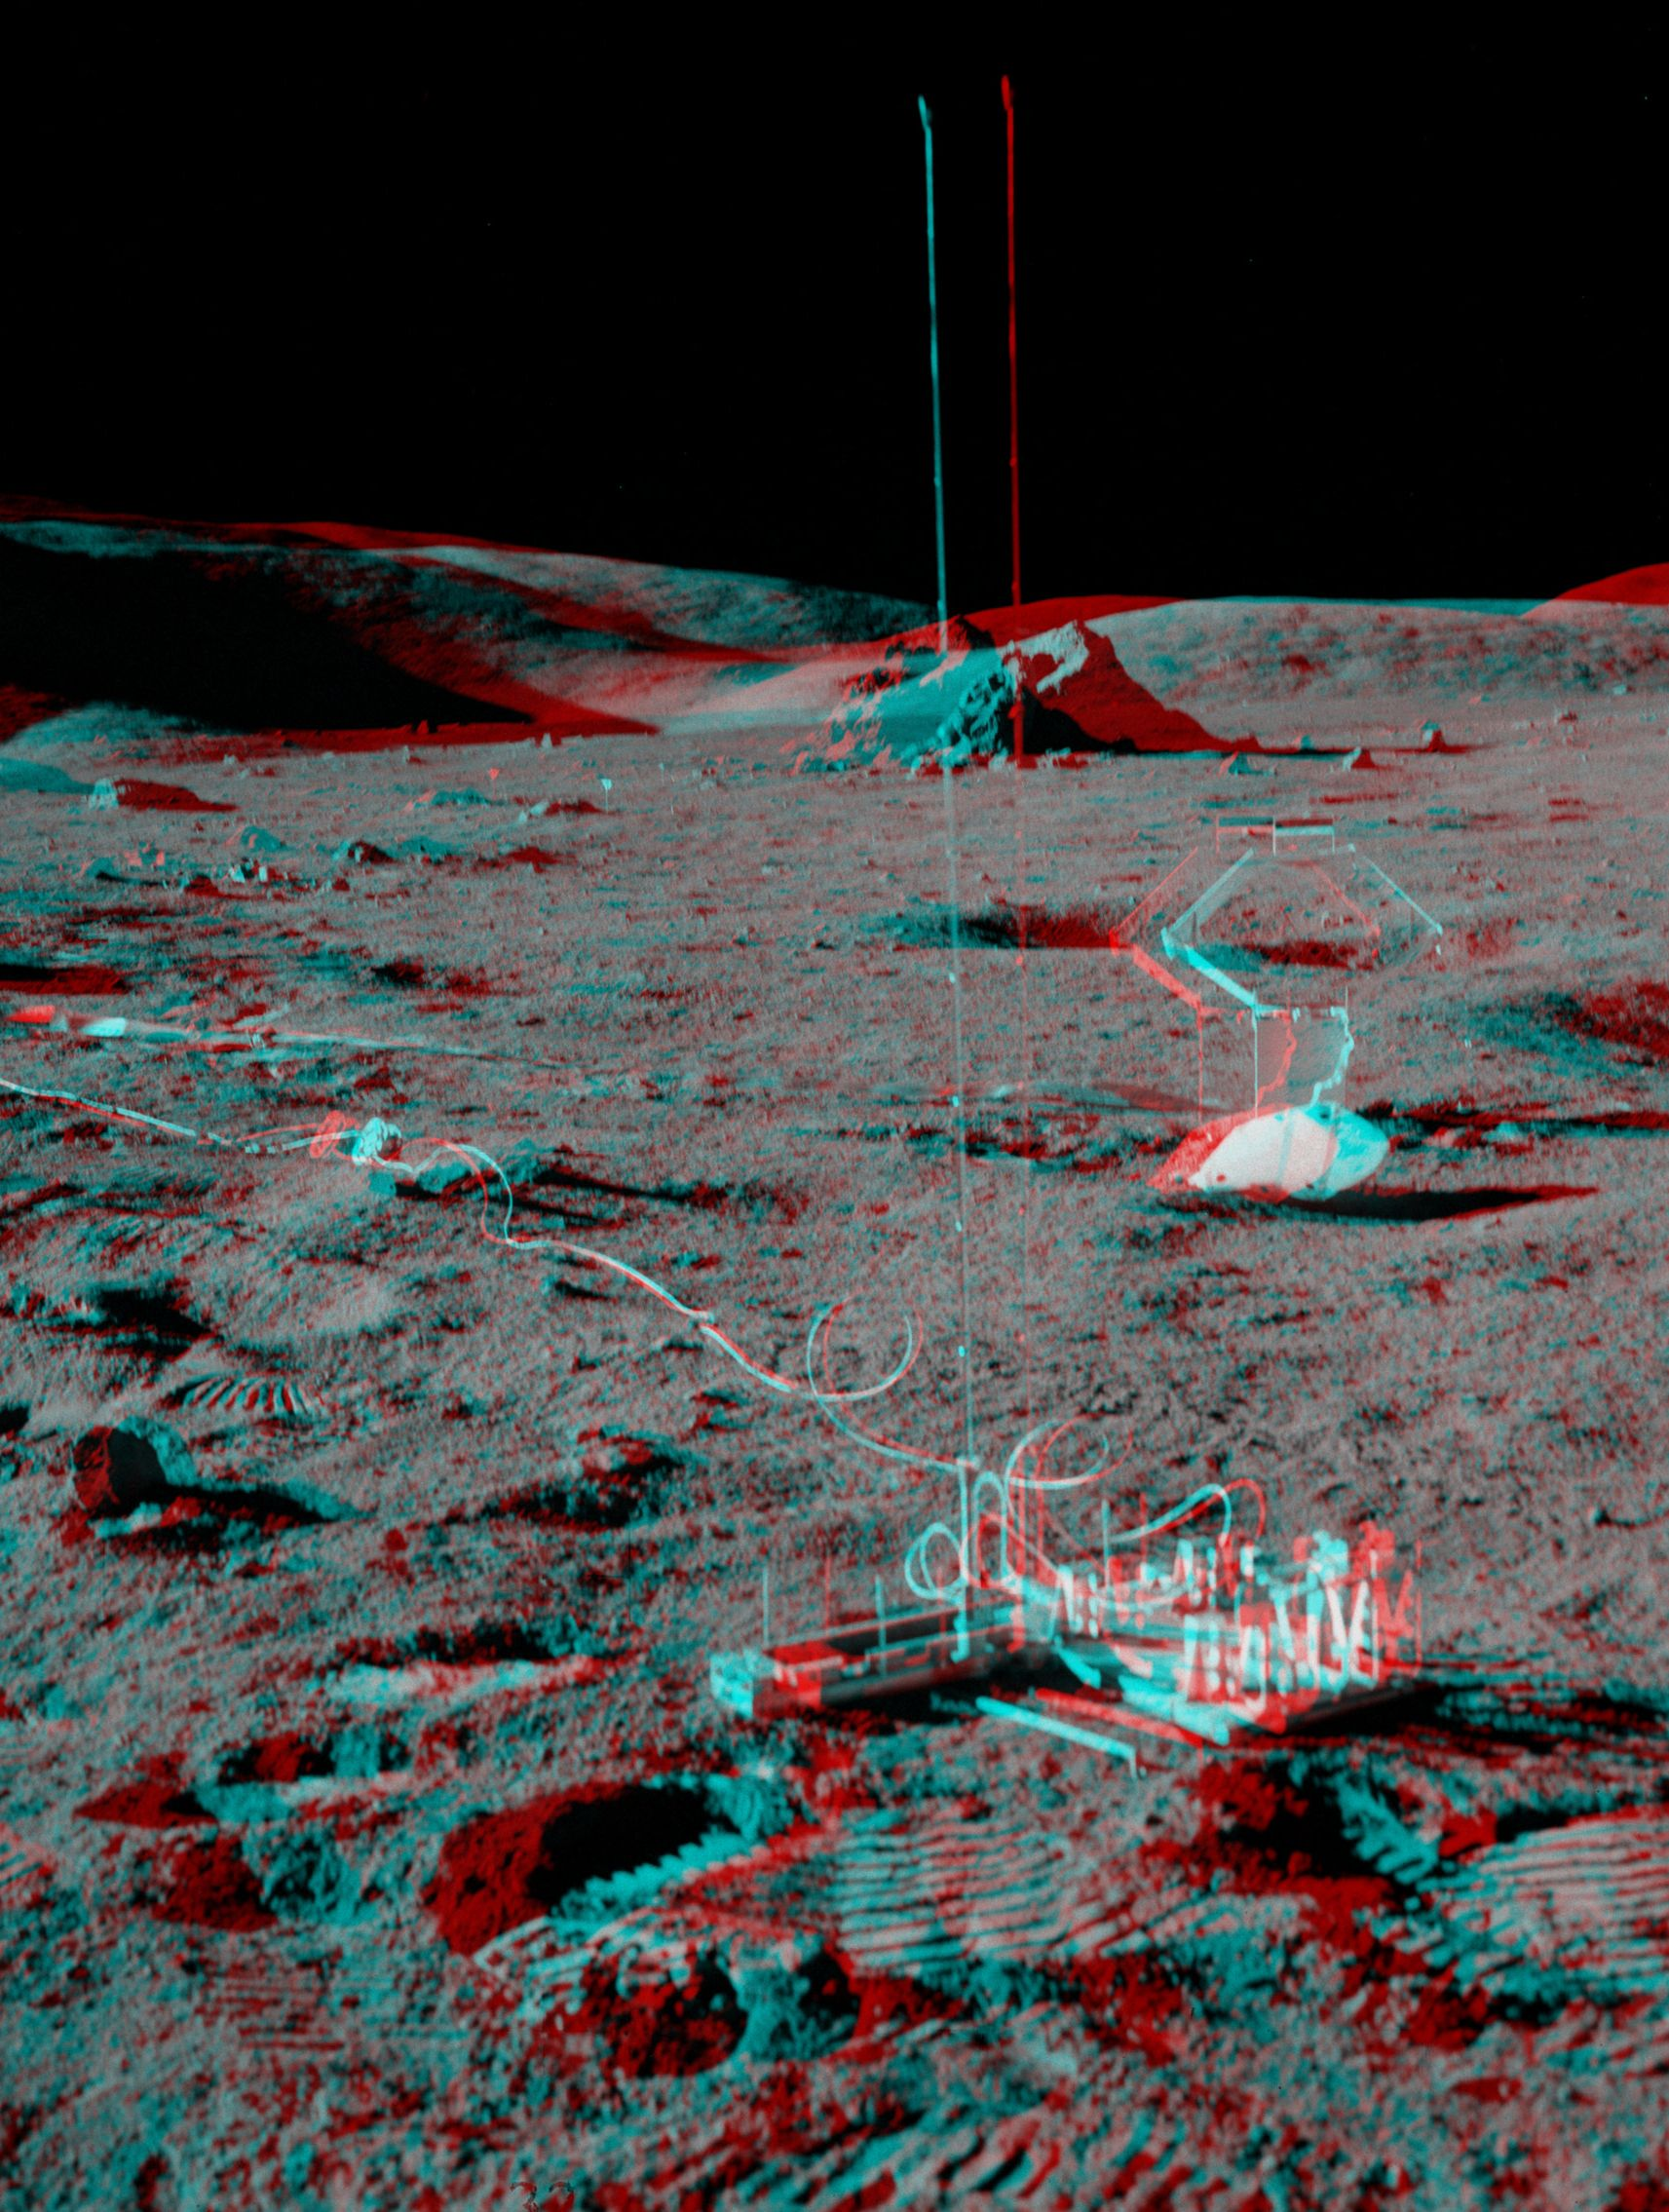 Apollo 17 ALSEP